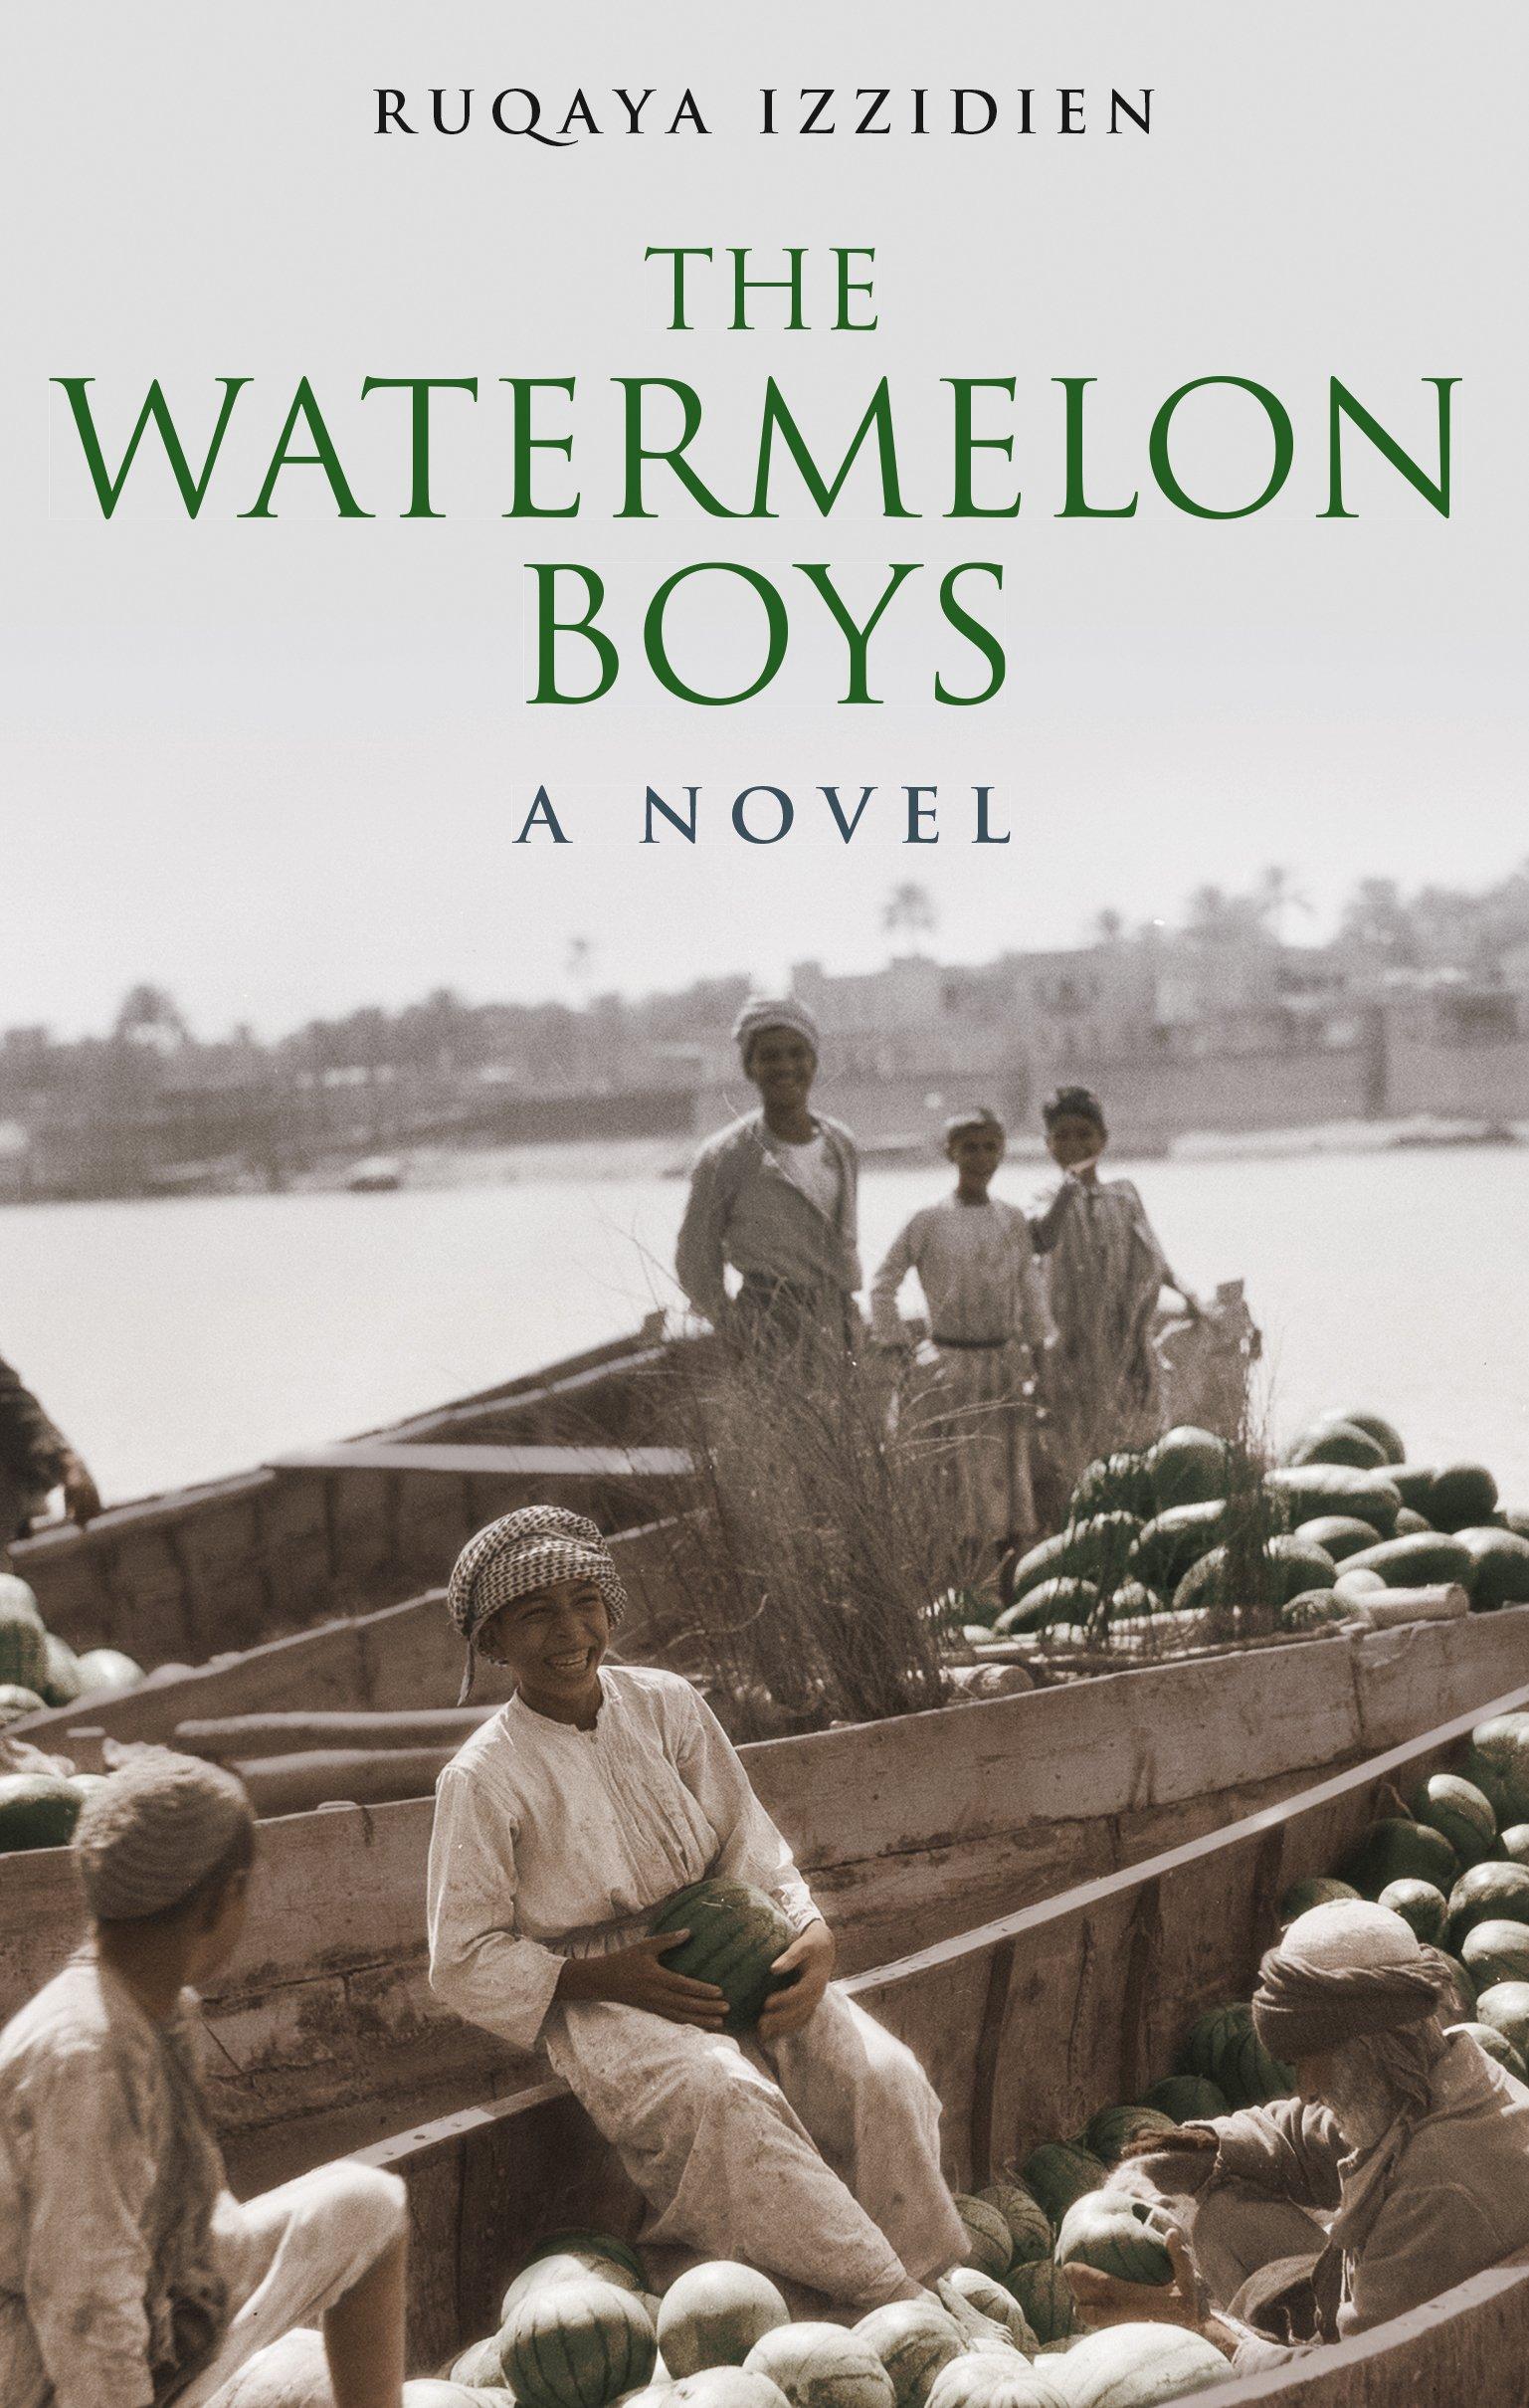 The Watermelon Boys: A Novel